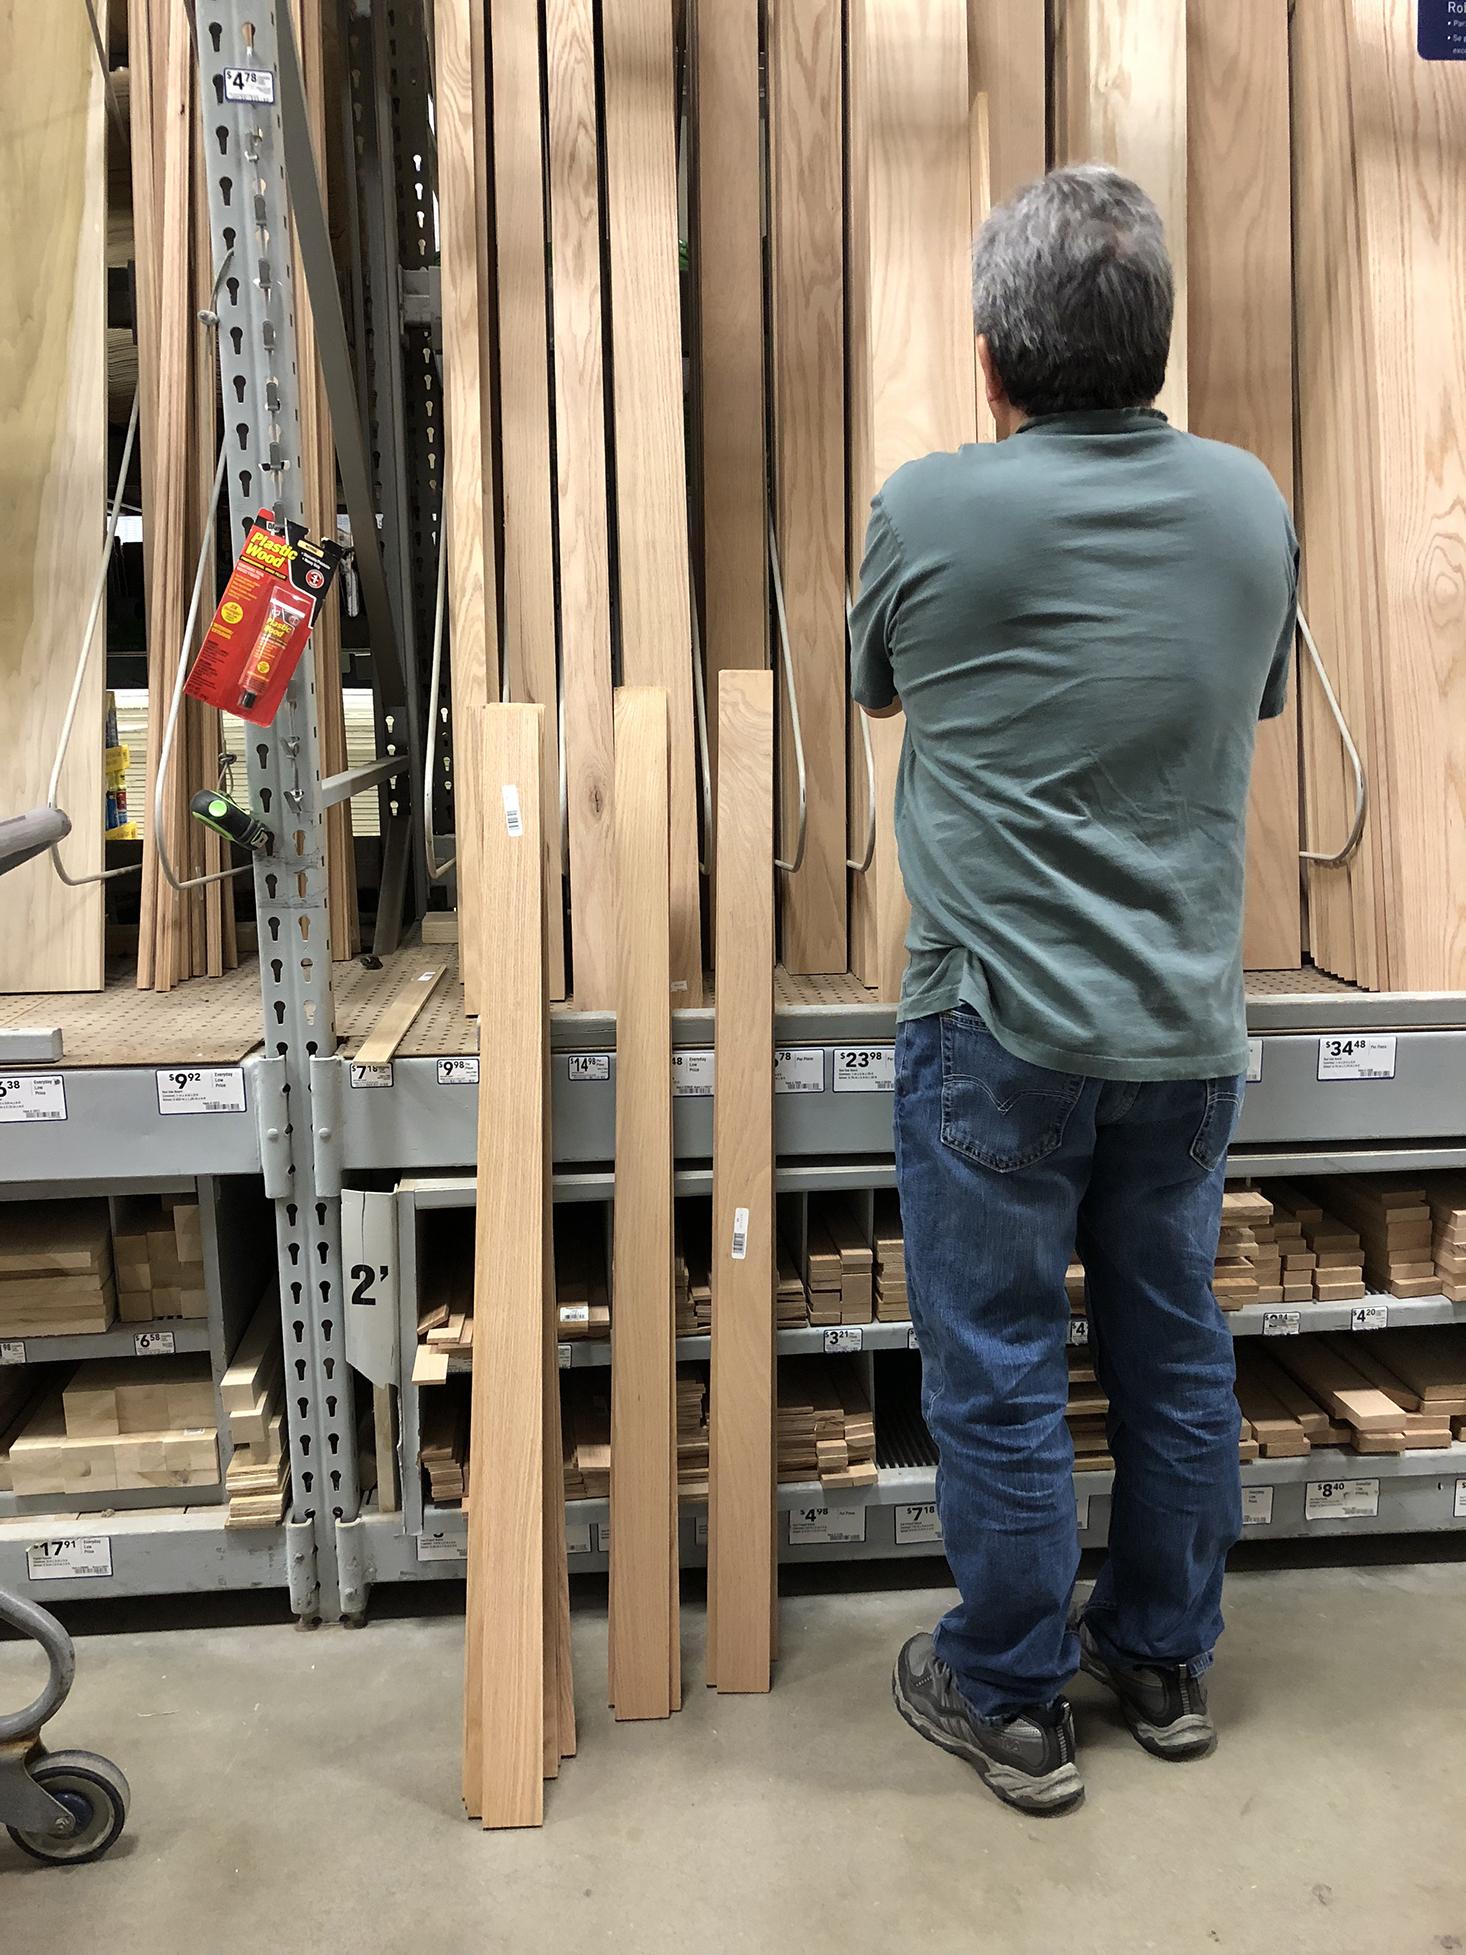 Organizing wood planks